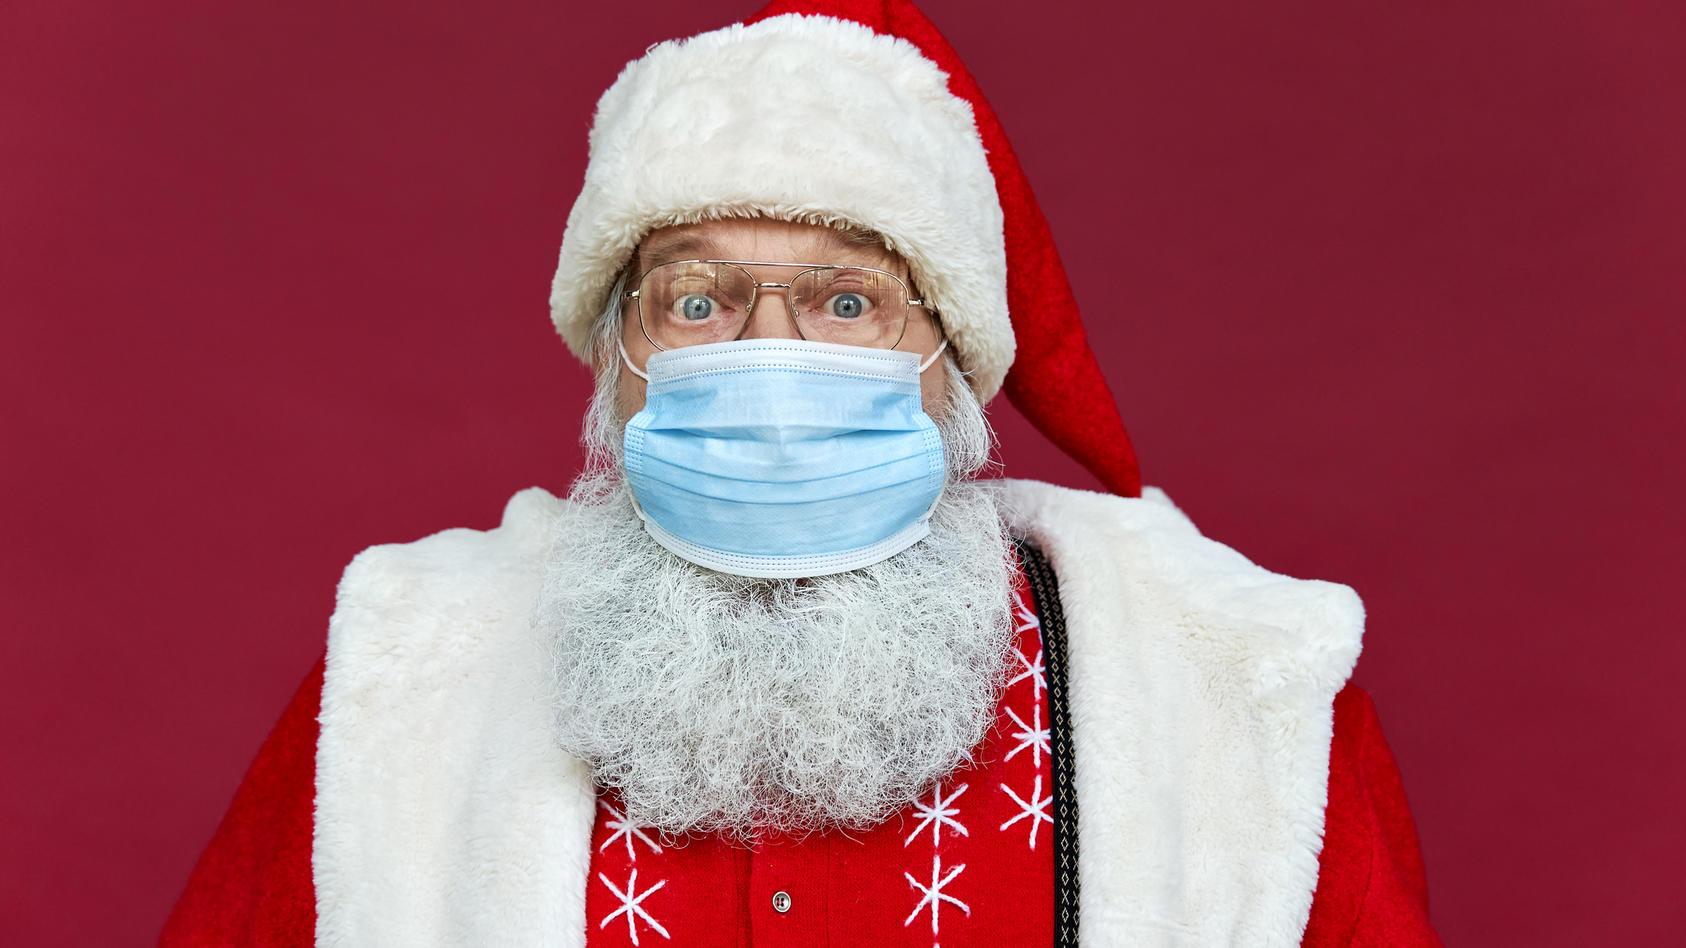 Auch der Nikolaus muss sich in diesem Jahr artig an die Corona-Maßnahmen halten.